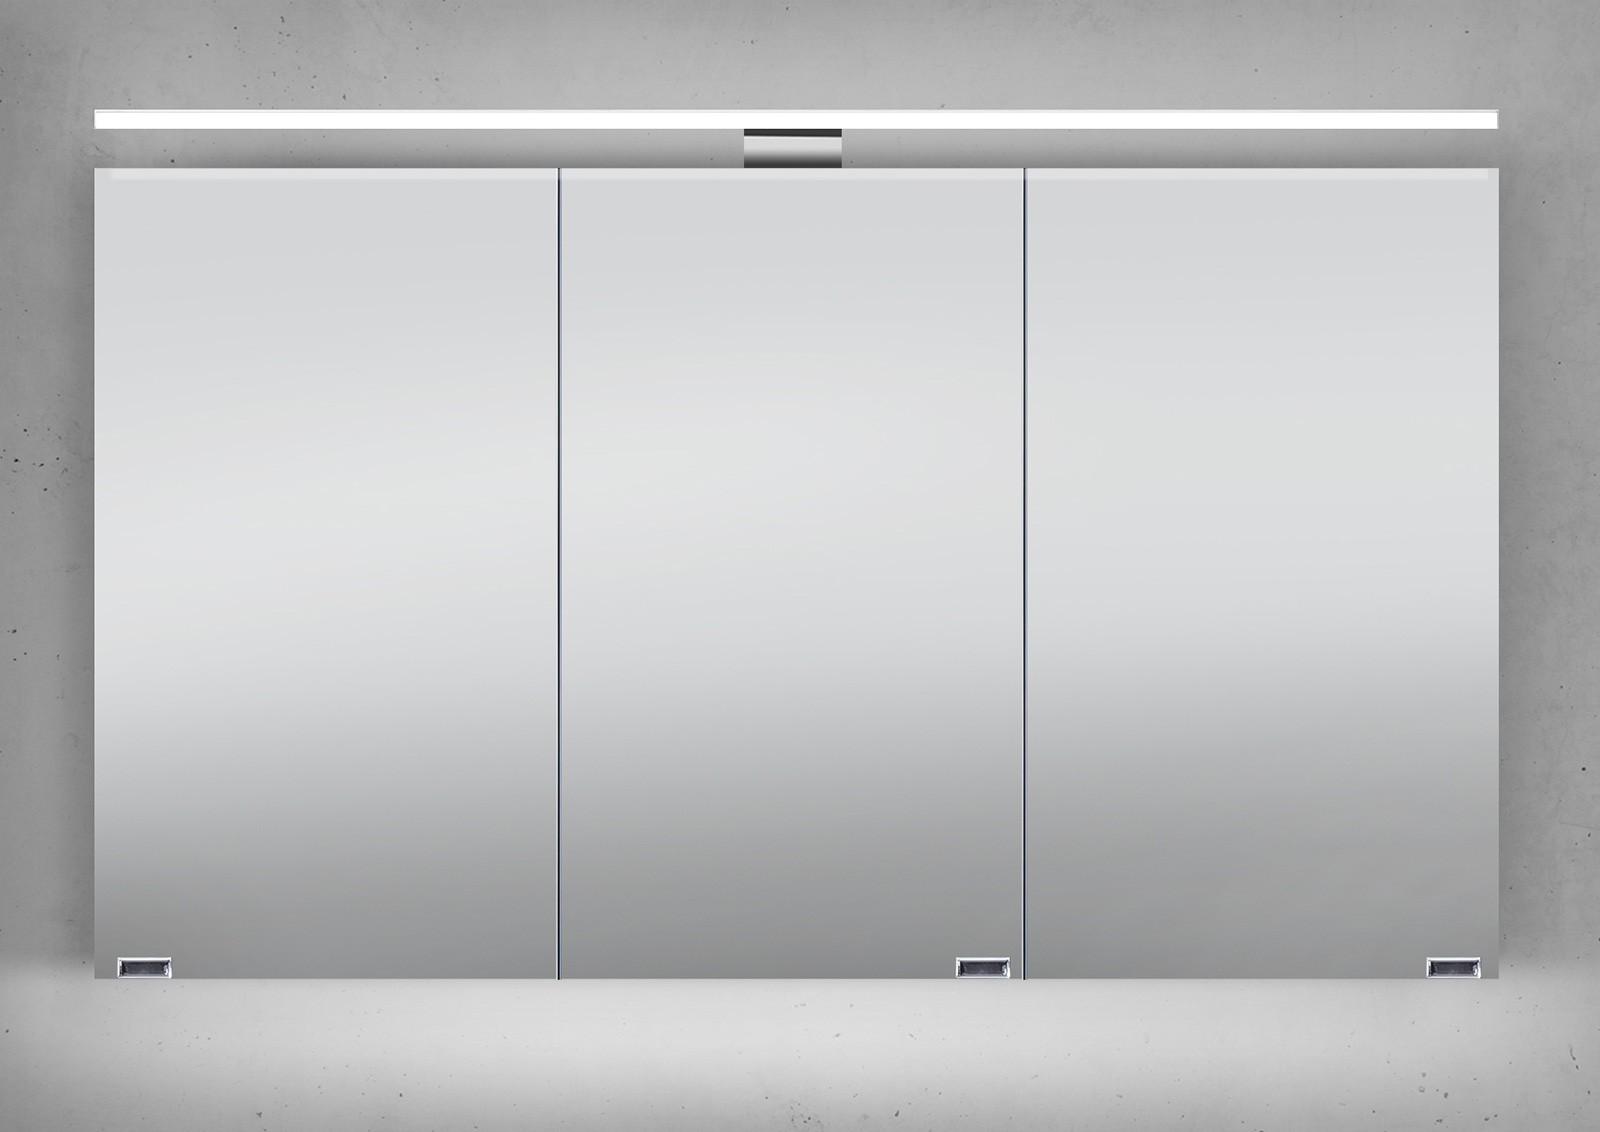 spiegelschrank mit led beleuchtung living style verschiedene ideen f r die. Black Bedroom Furniture Sets. Home Design Ideas